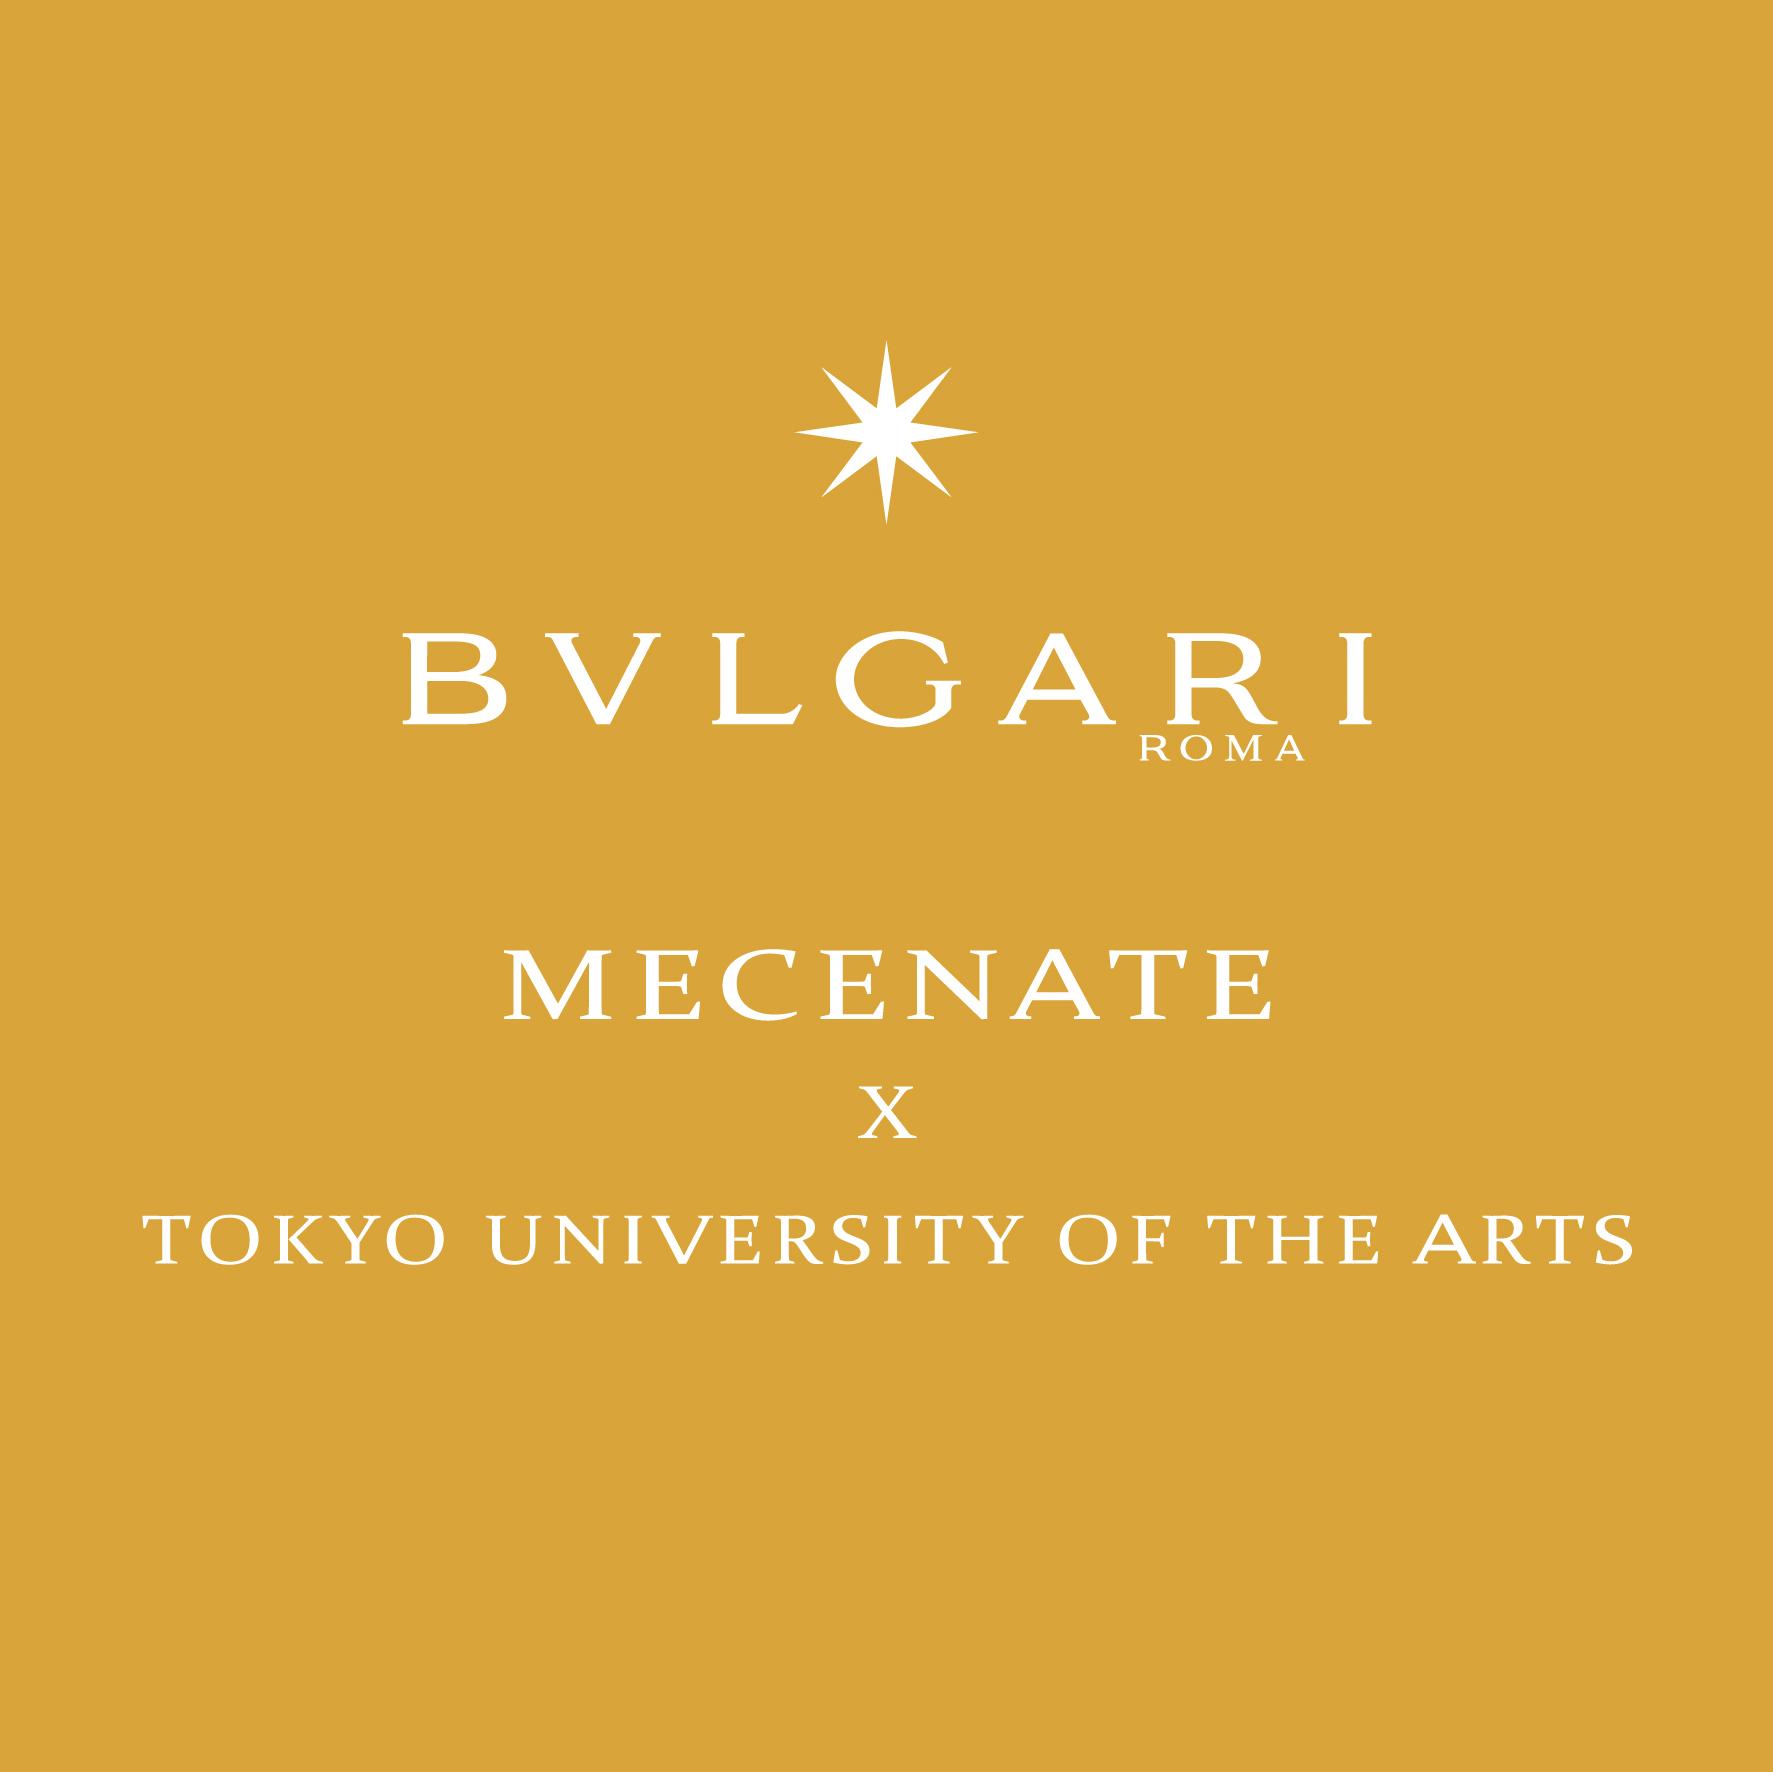 高本 夏実さん、『BVLGARI MECENATE』にて新作を展示!